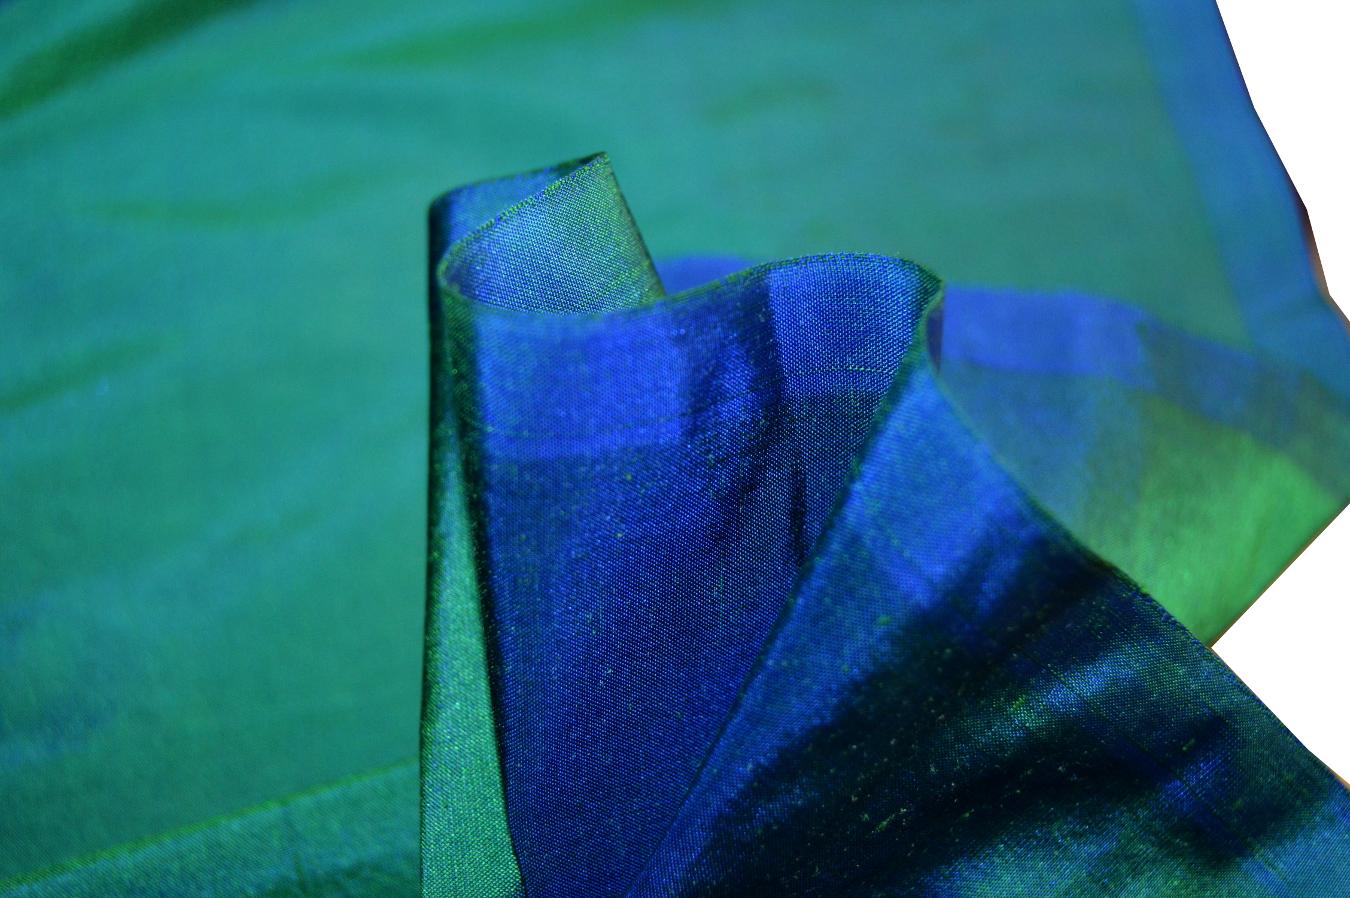 wildseide blau und gr n changierend 210 529 3300. Black Bedroom Furniture Sets. Home Design Ideas